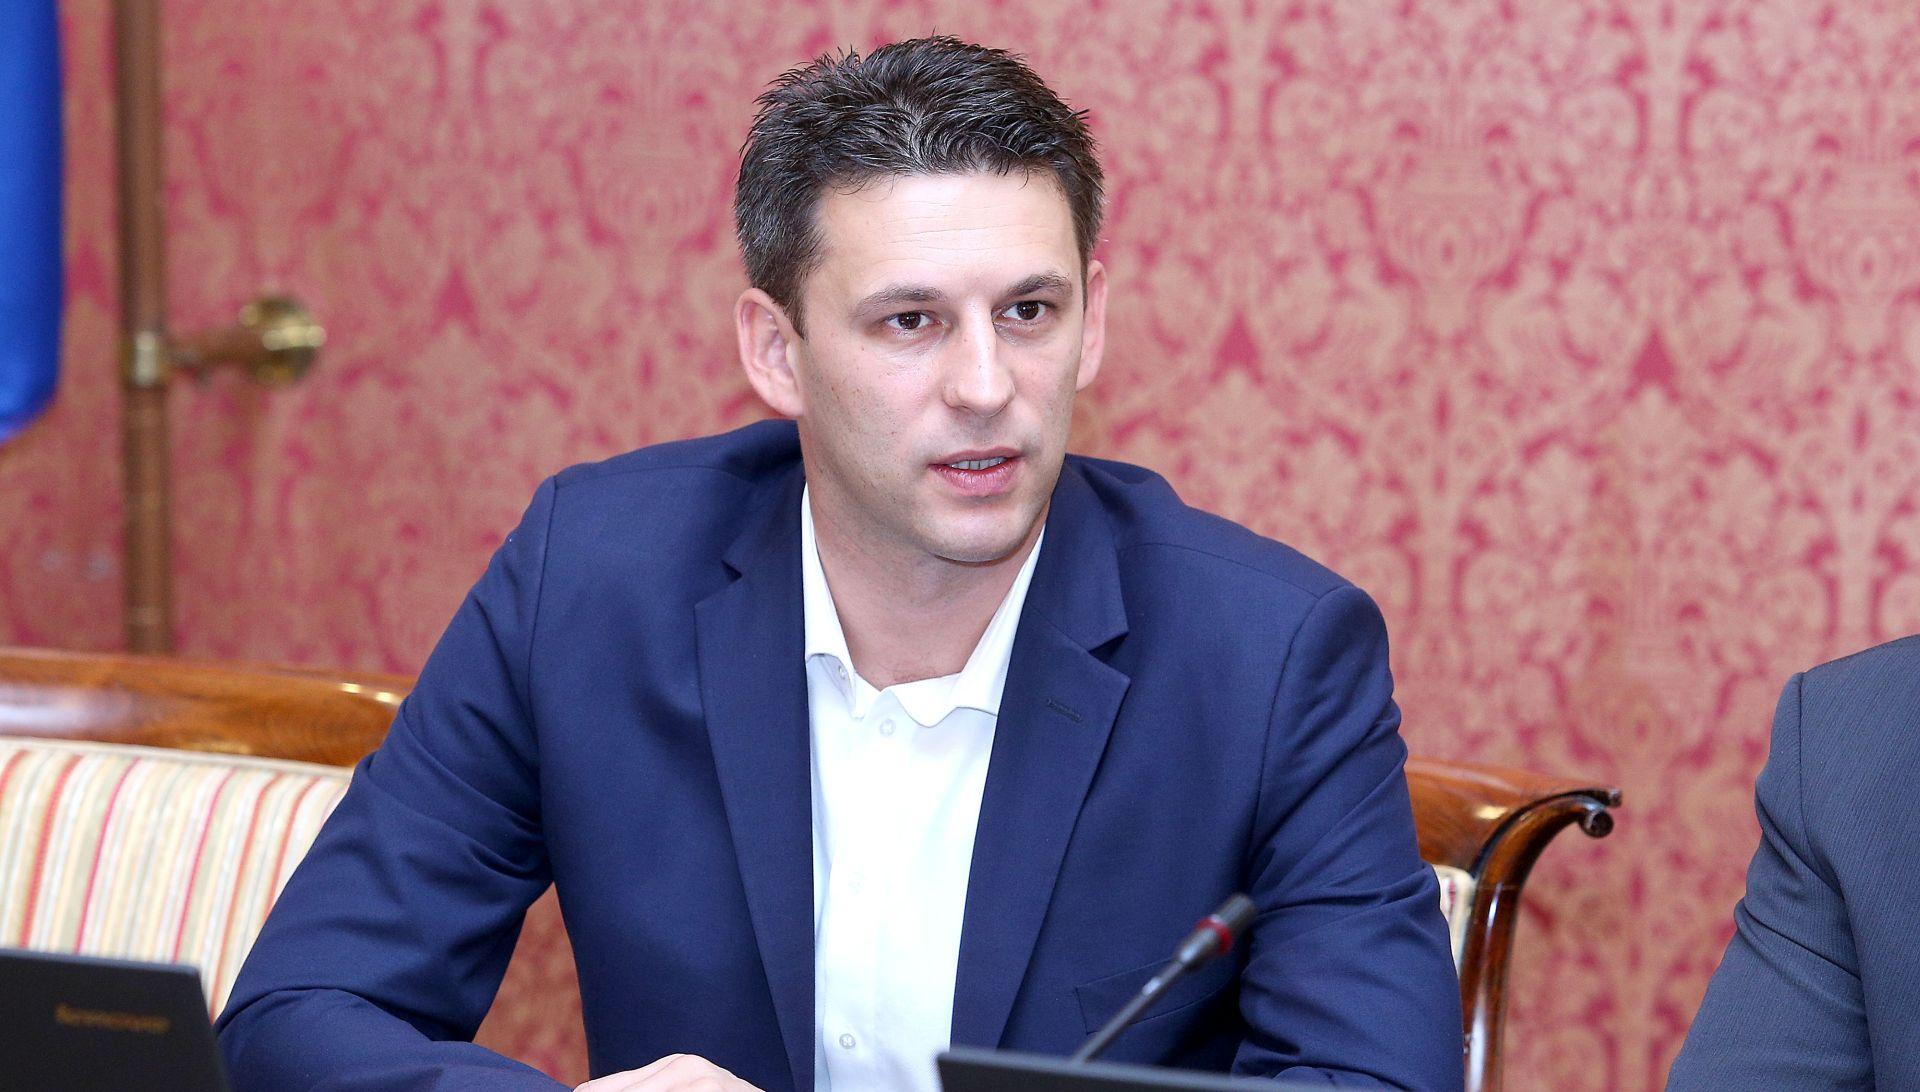 BOŽO PETROV 'Funkcija predsjednika Hrvatskog sabora jako je važna'